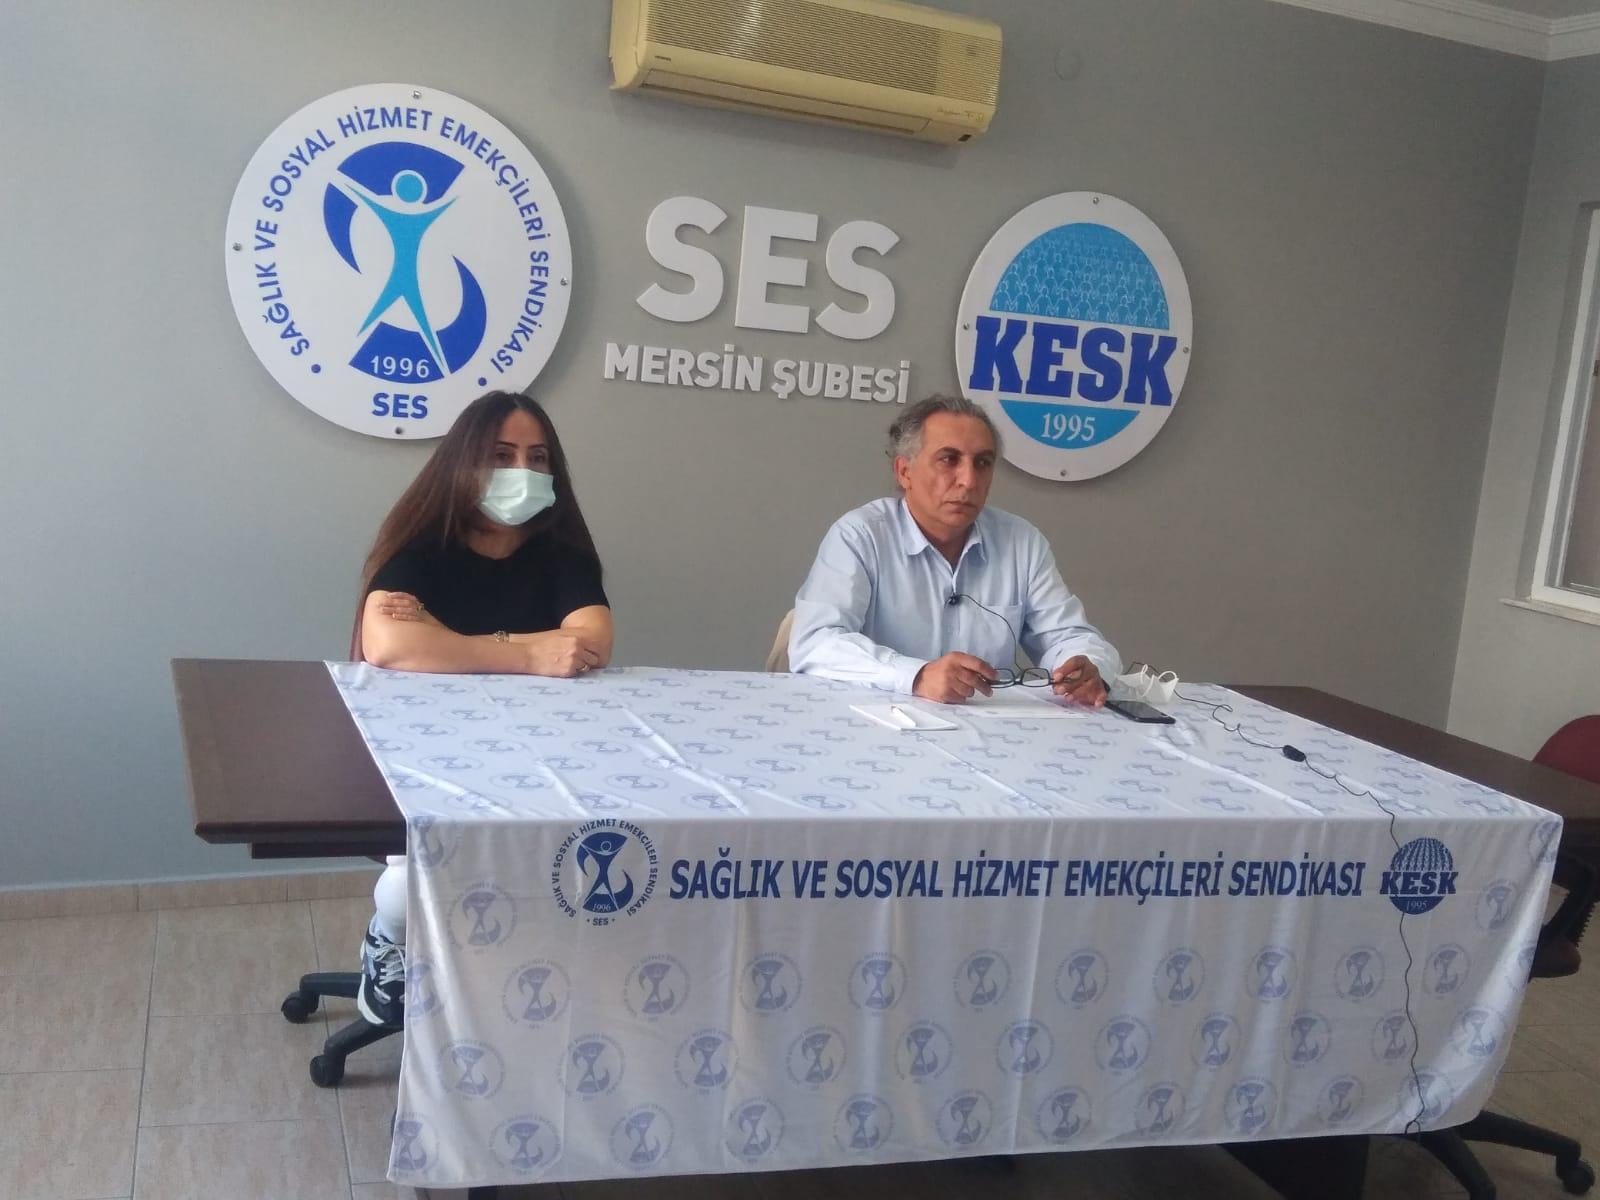 Mersin Şubemiz Sağlık Emekçilerine İmzalatılan Tebligata Tepki Gösterdi